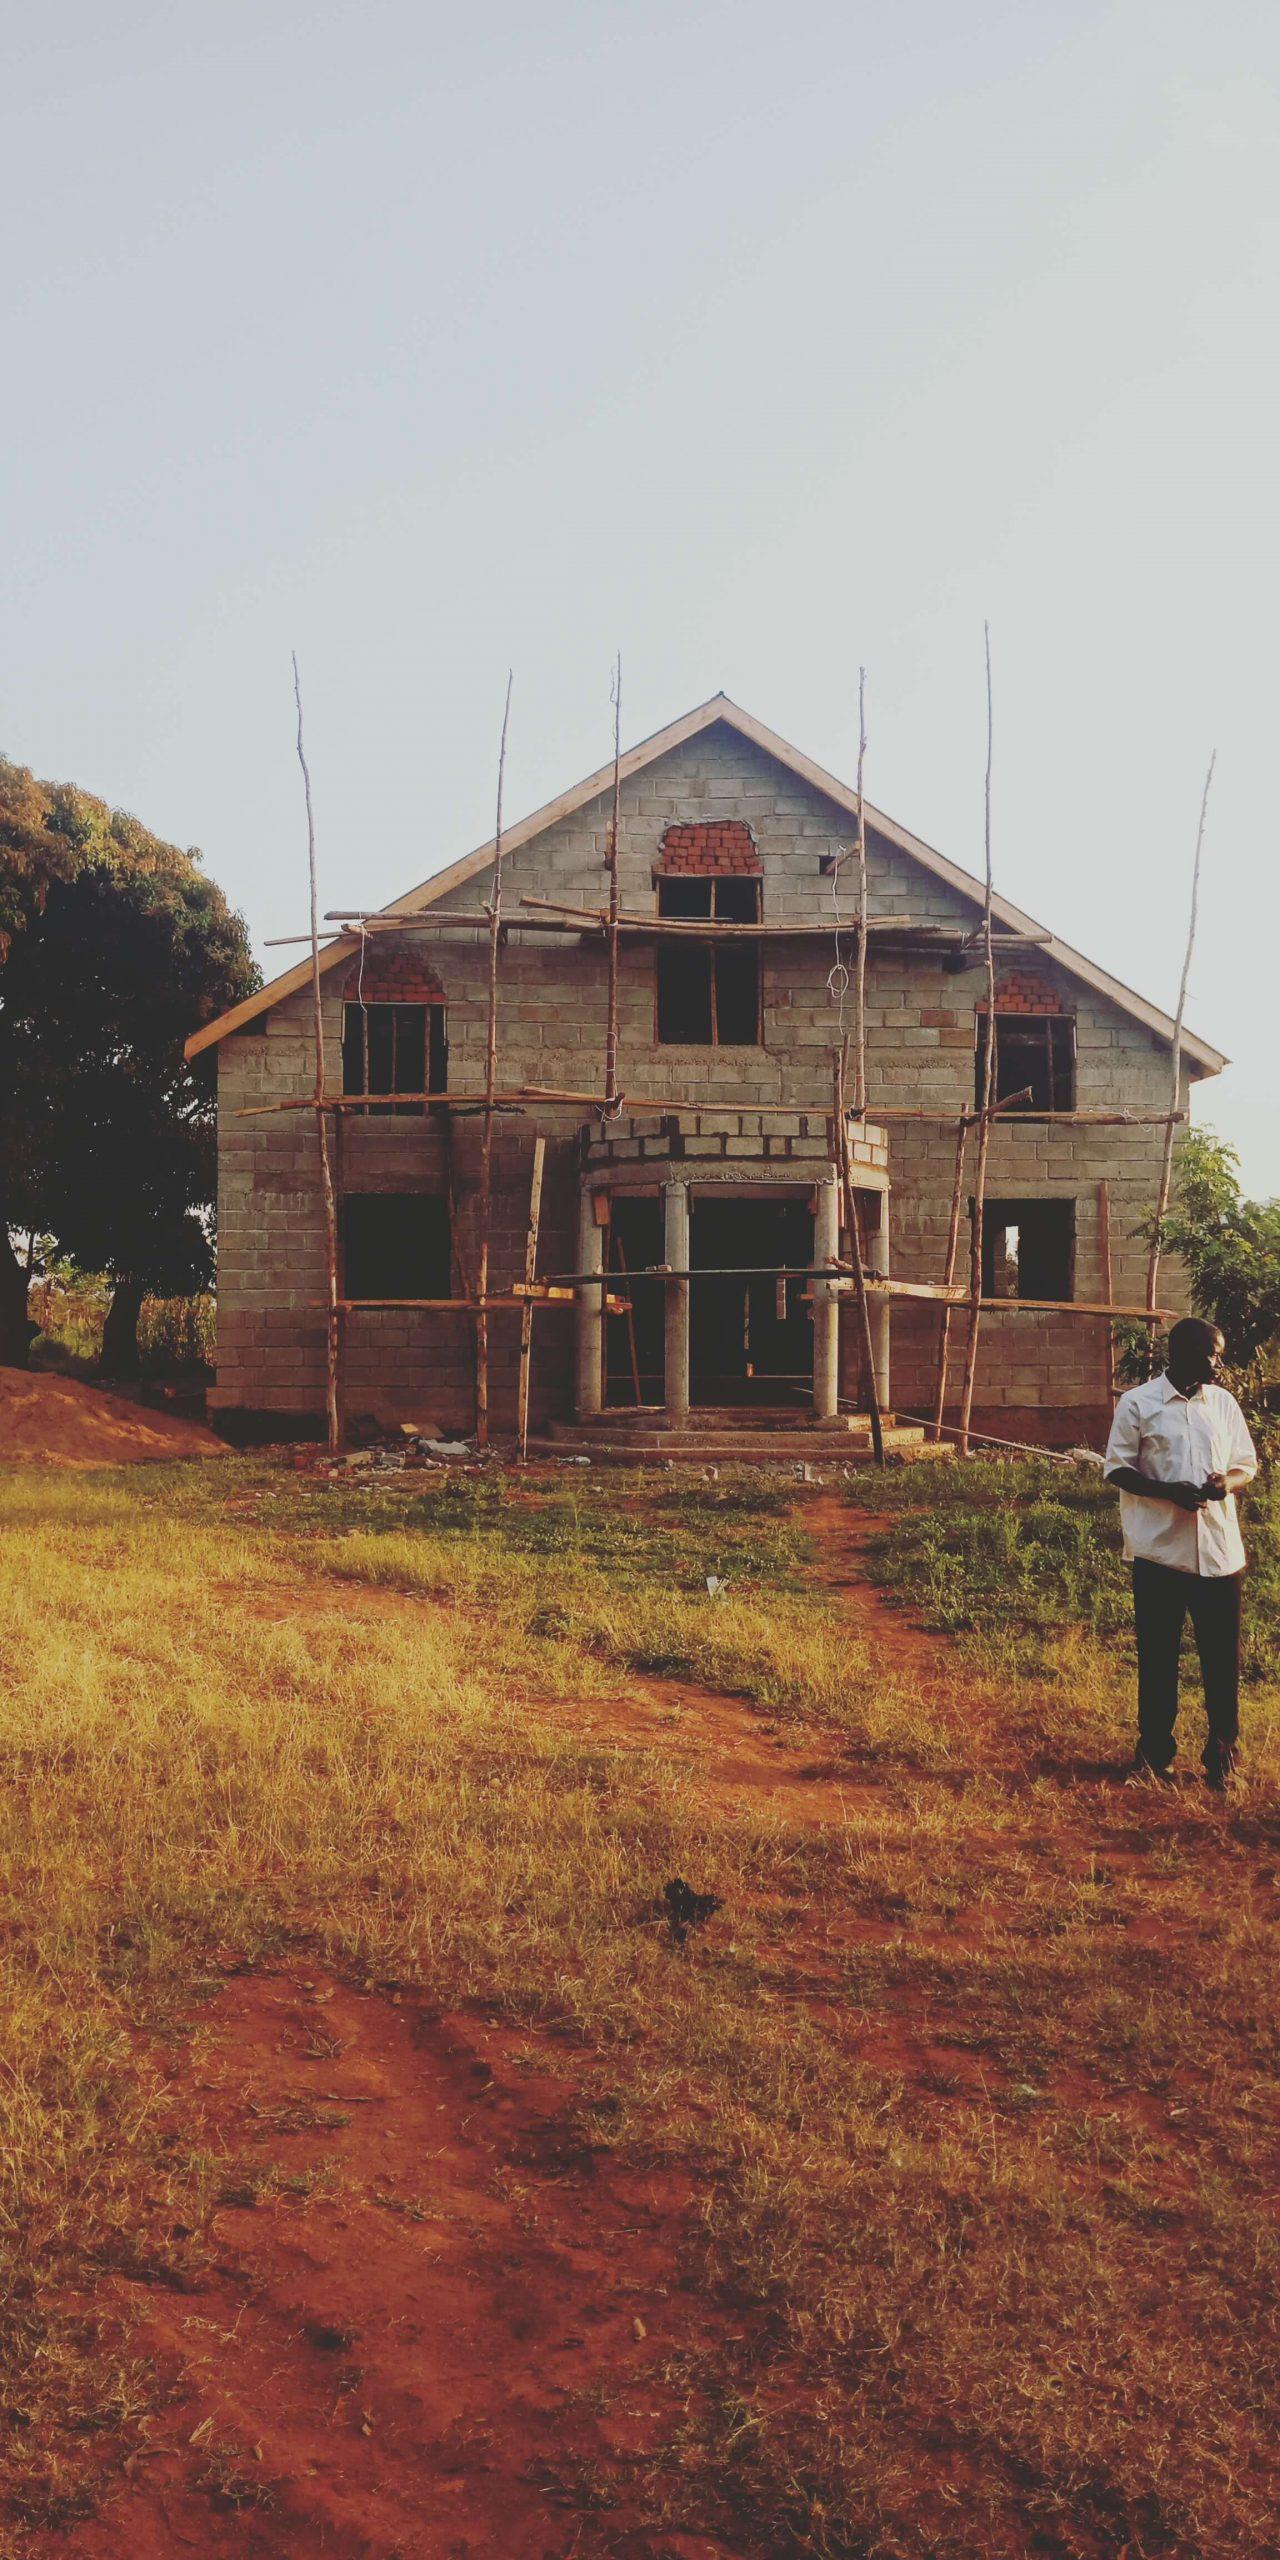 Uganda - New roof